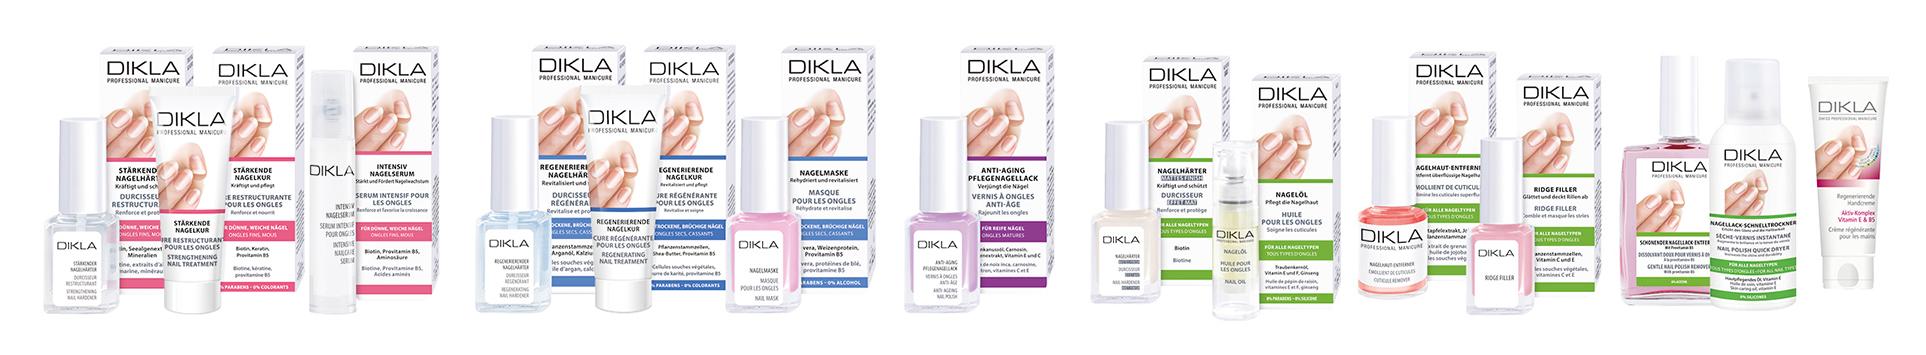 Dikla-GEsamtsortiment